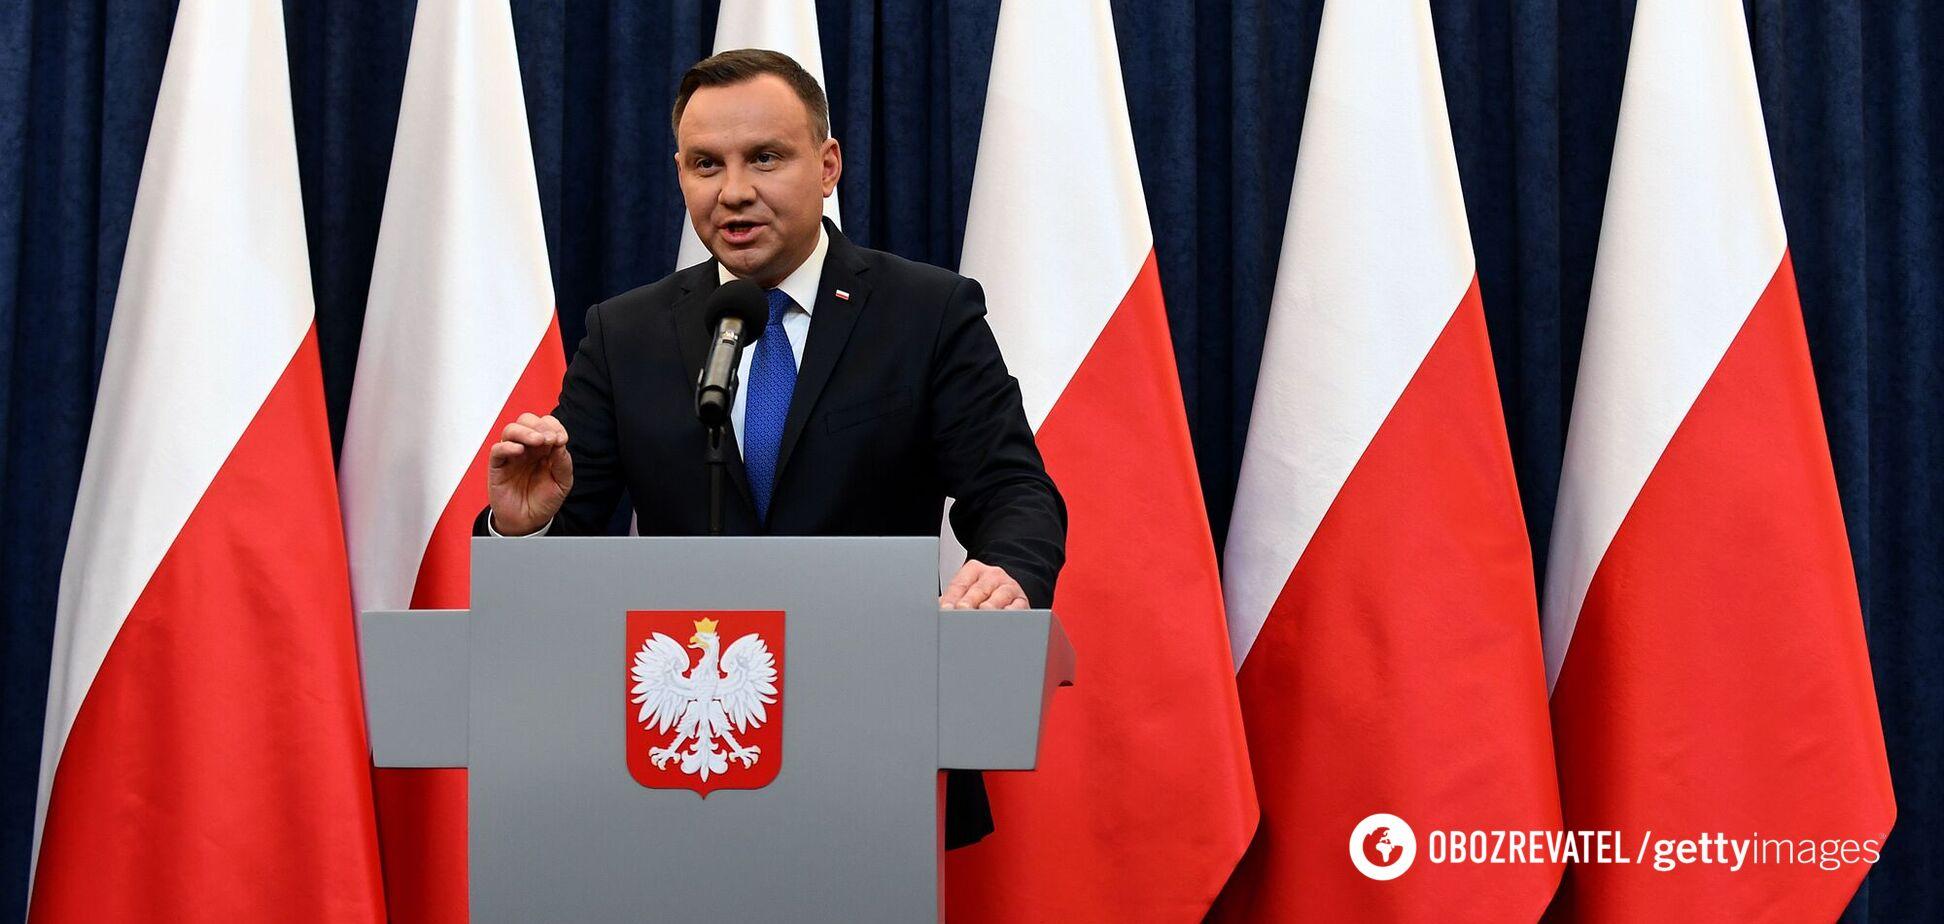 Польша усилит санкции против России из-за военной агрессии на Донбассе